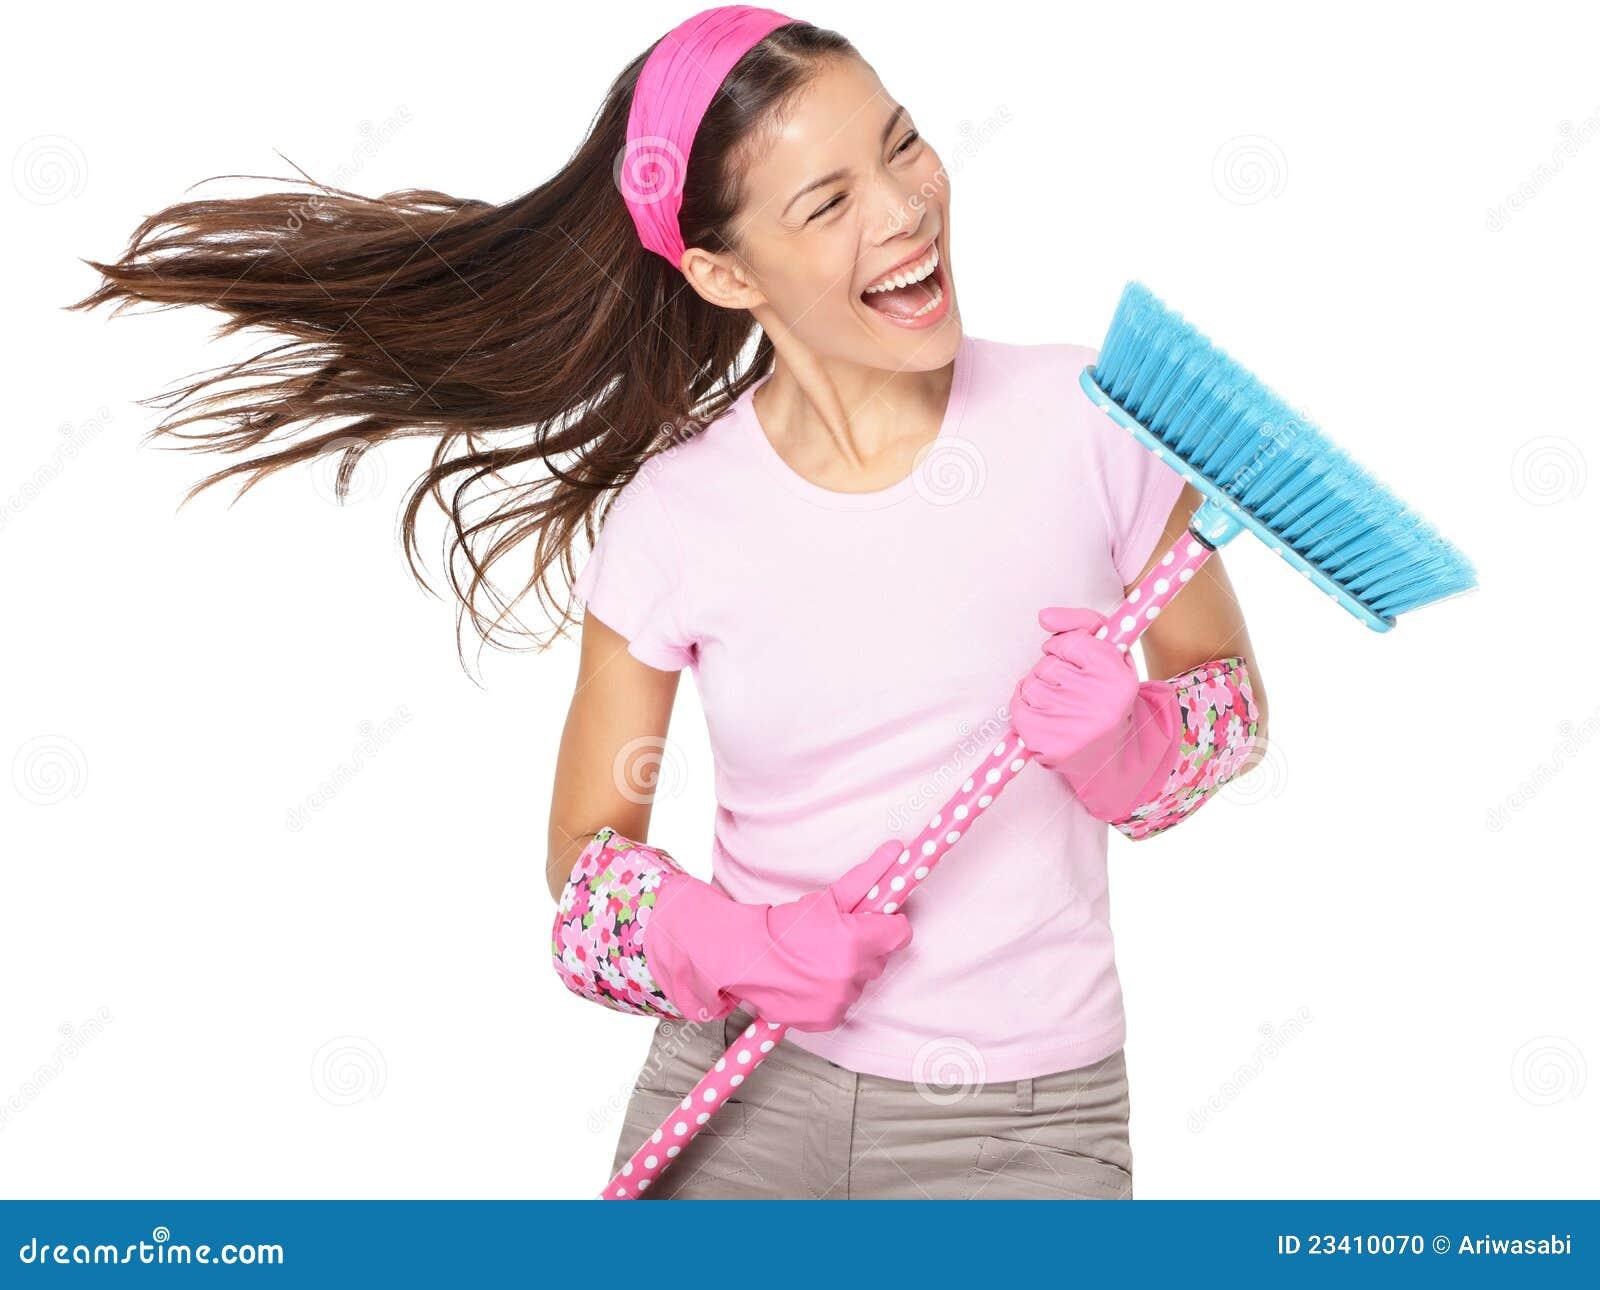 Chant de femme de nettoyage